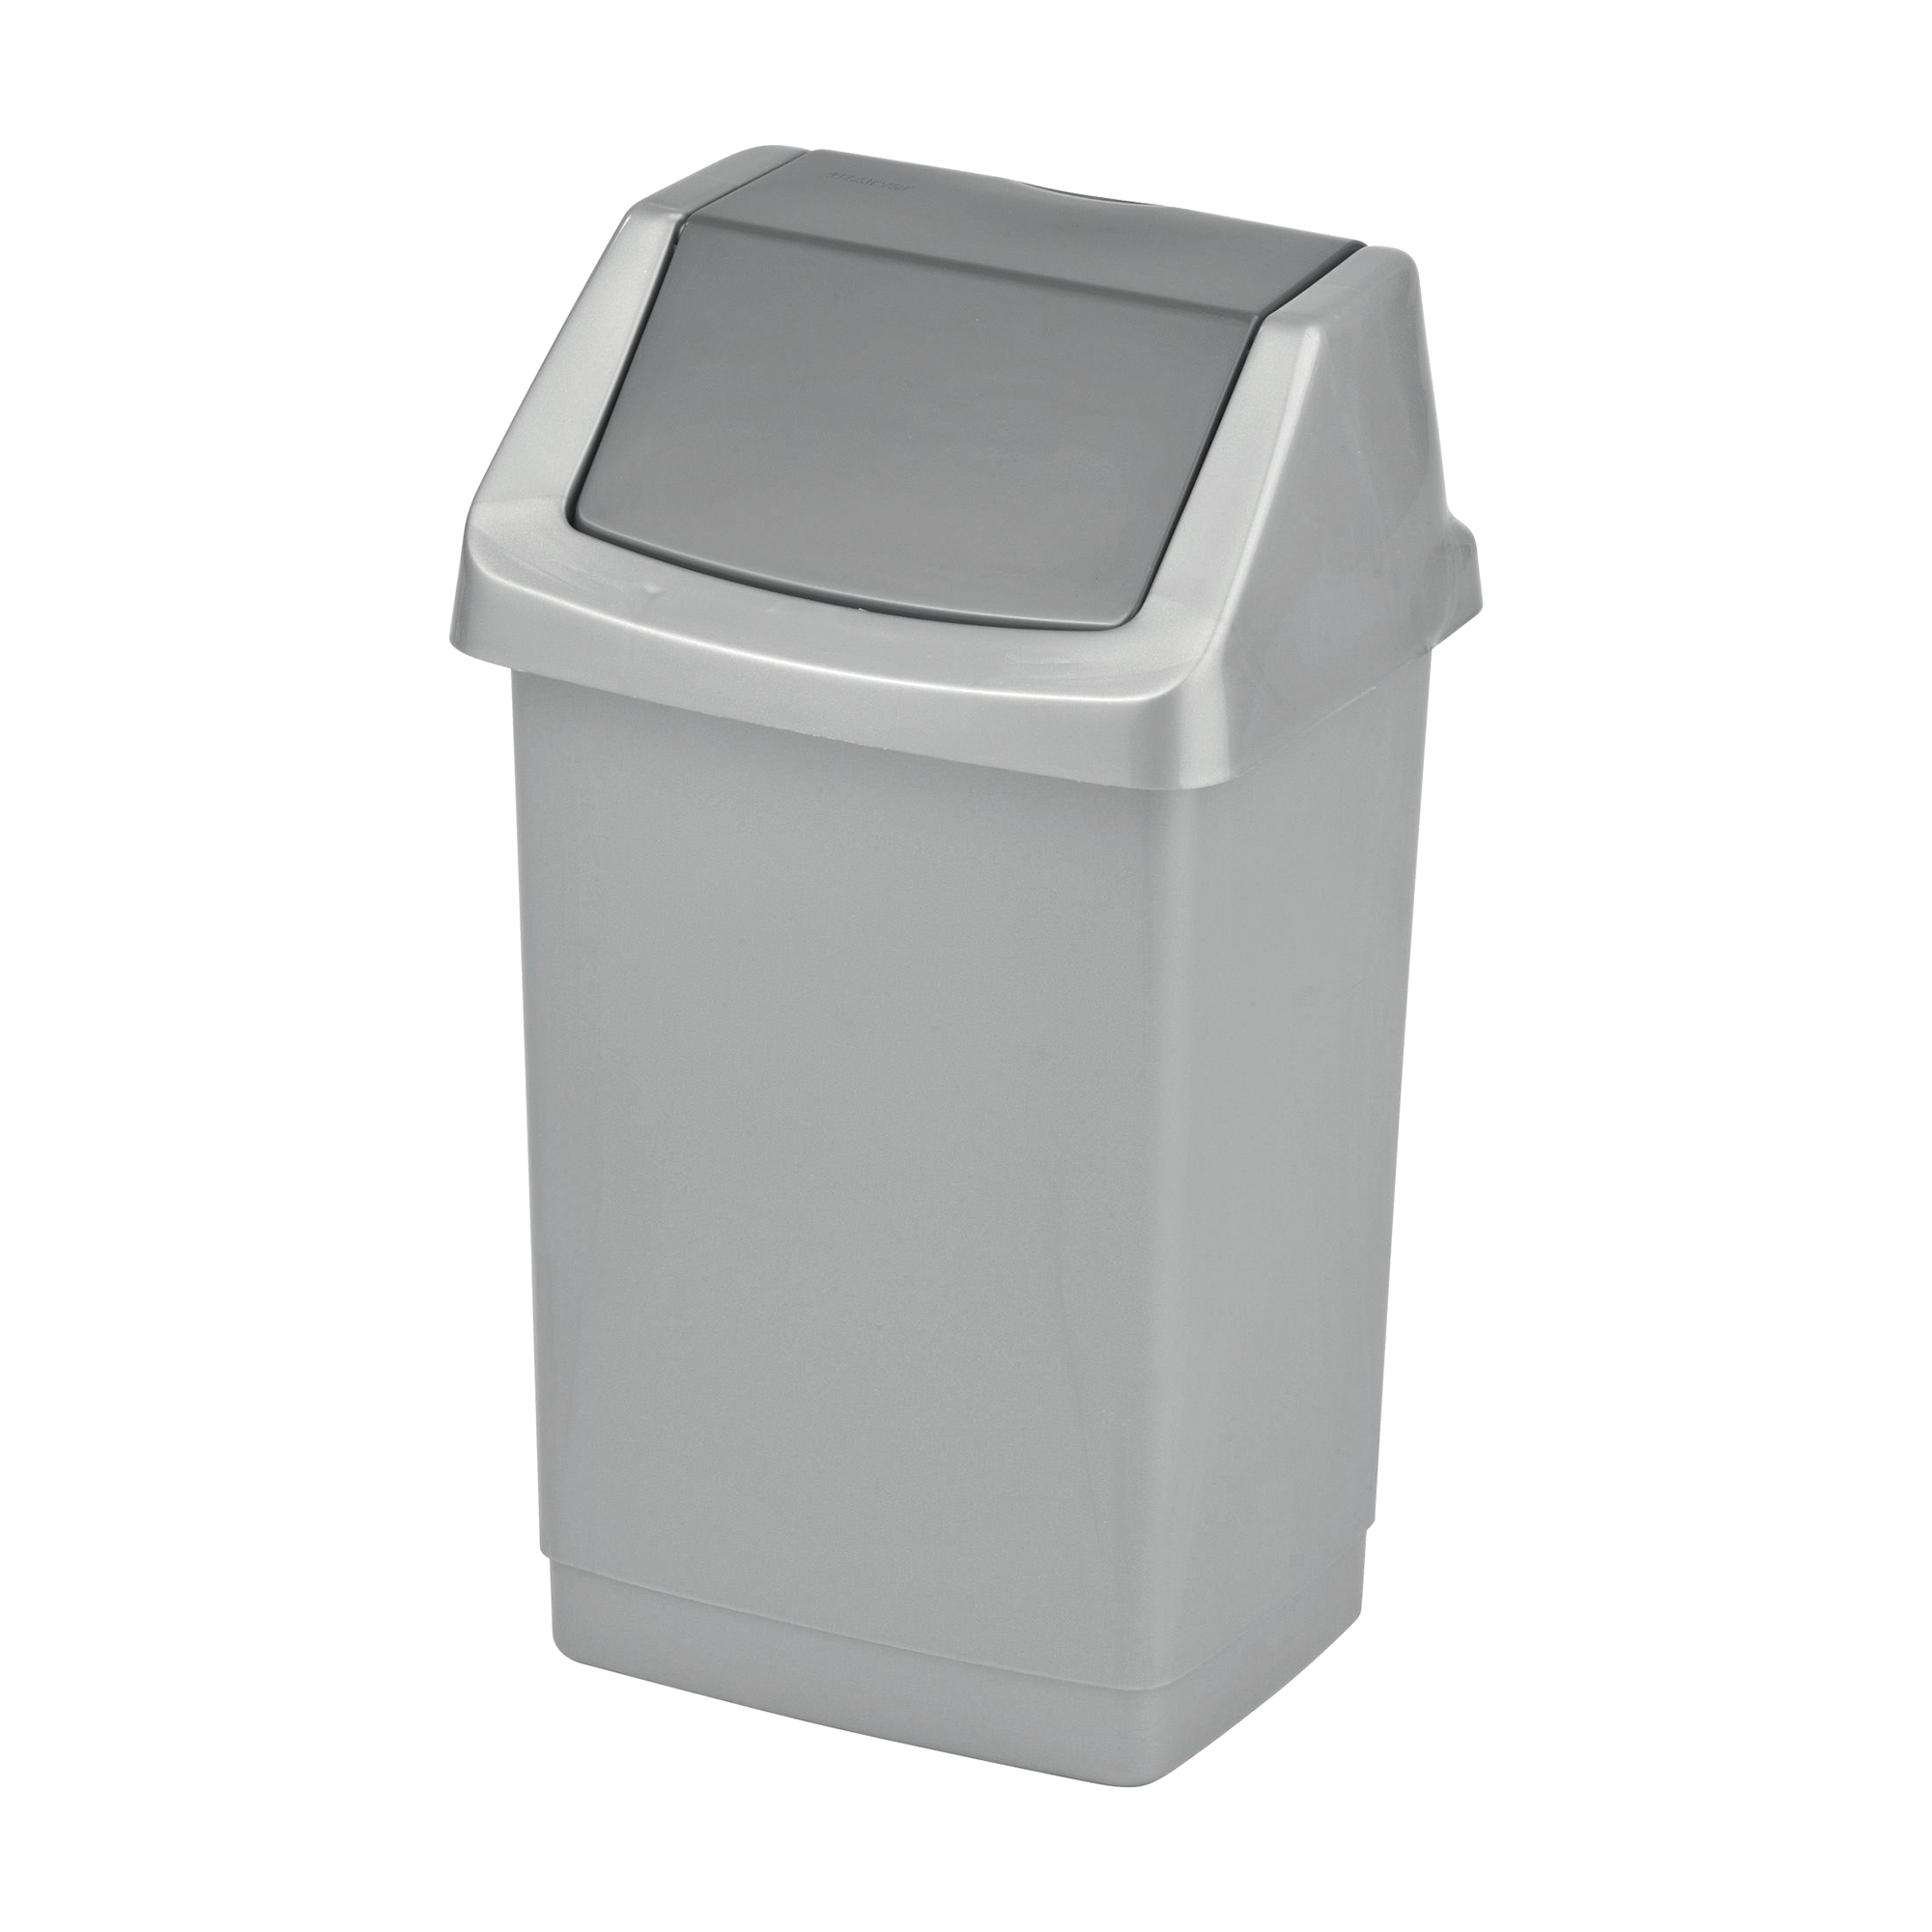 Контейнер для мусора CURVER 04045-877-65